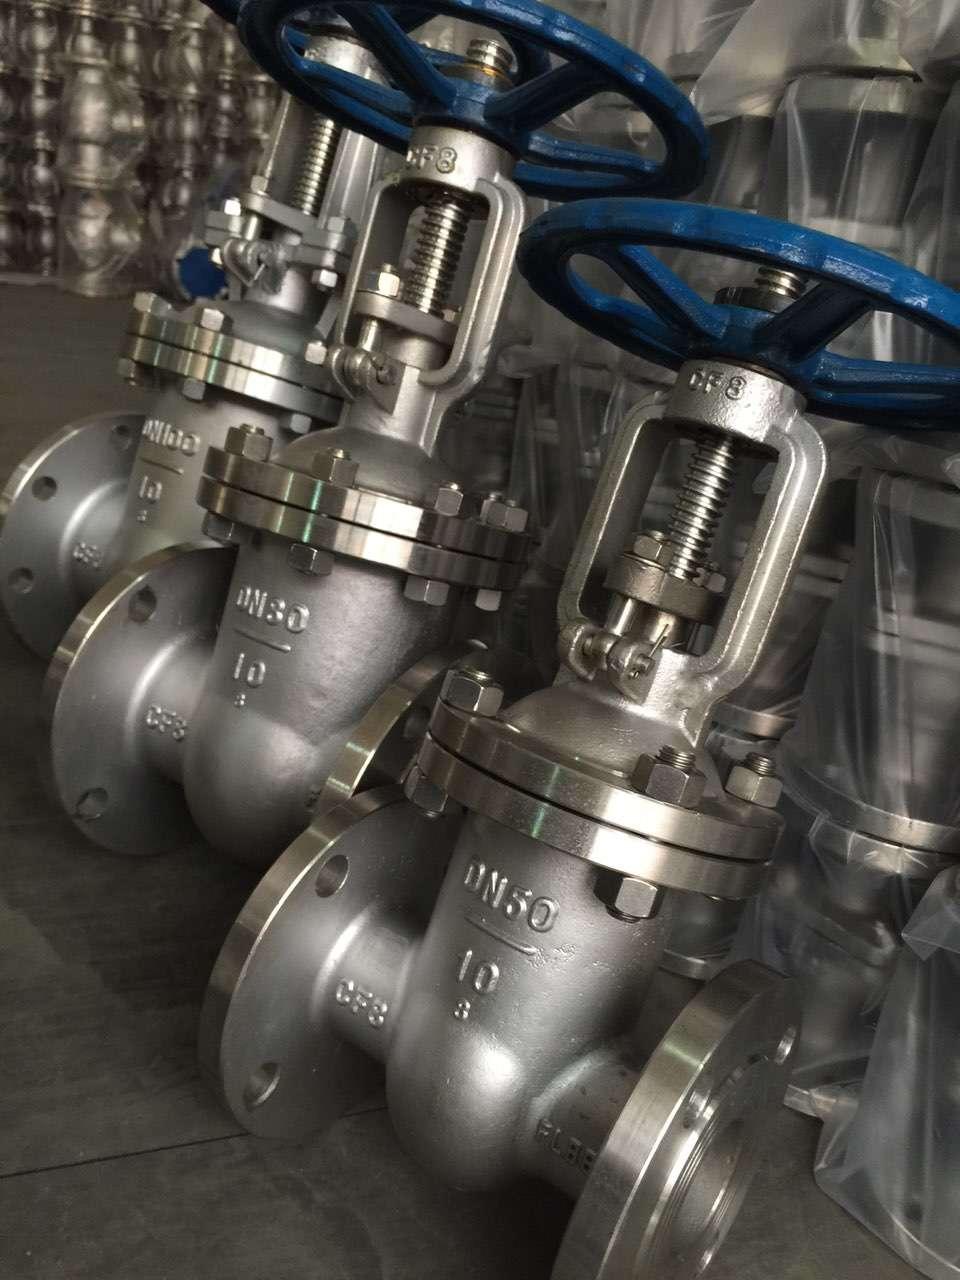 二, 钢铁工业水处理法兰式闸阀炼铁水系统 1,系统工艺流程:特殊钢厂